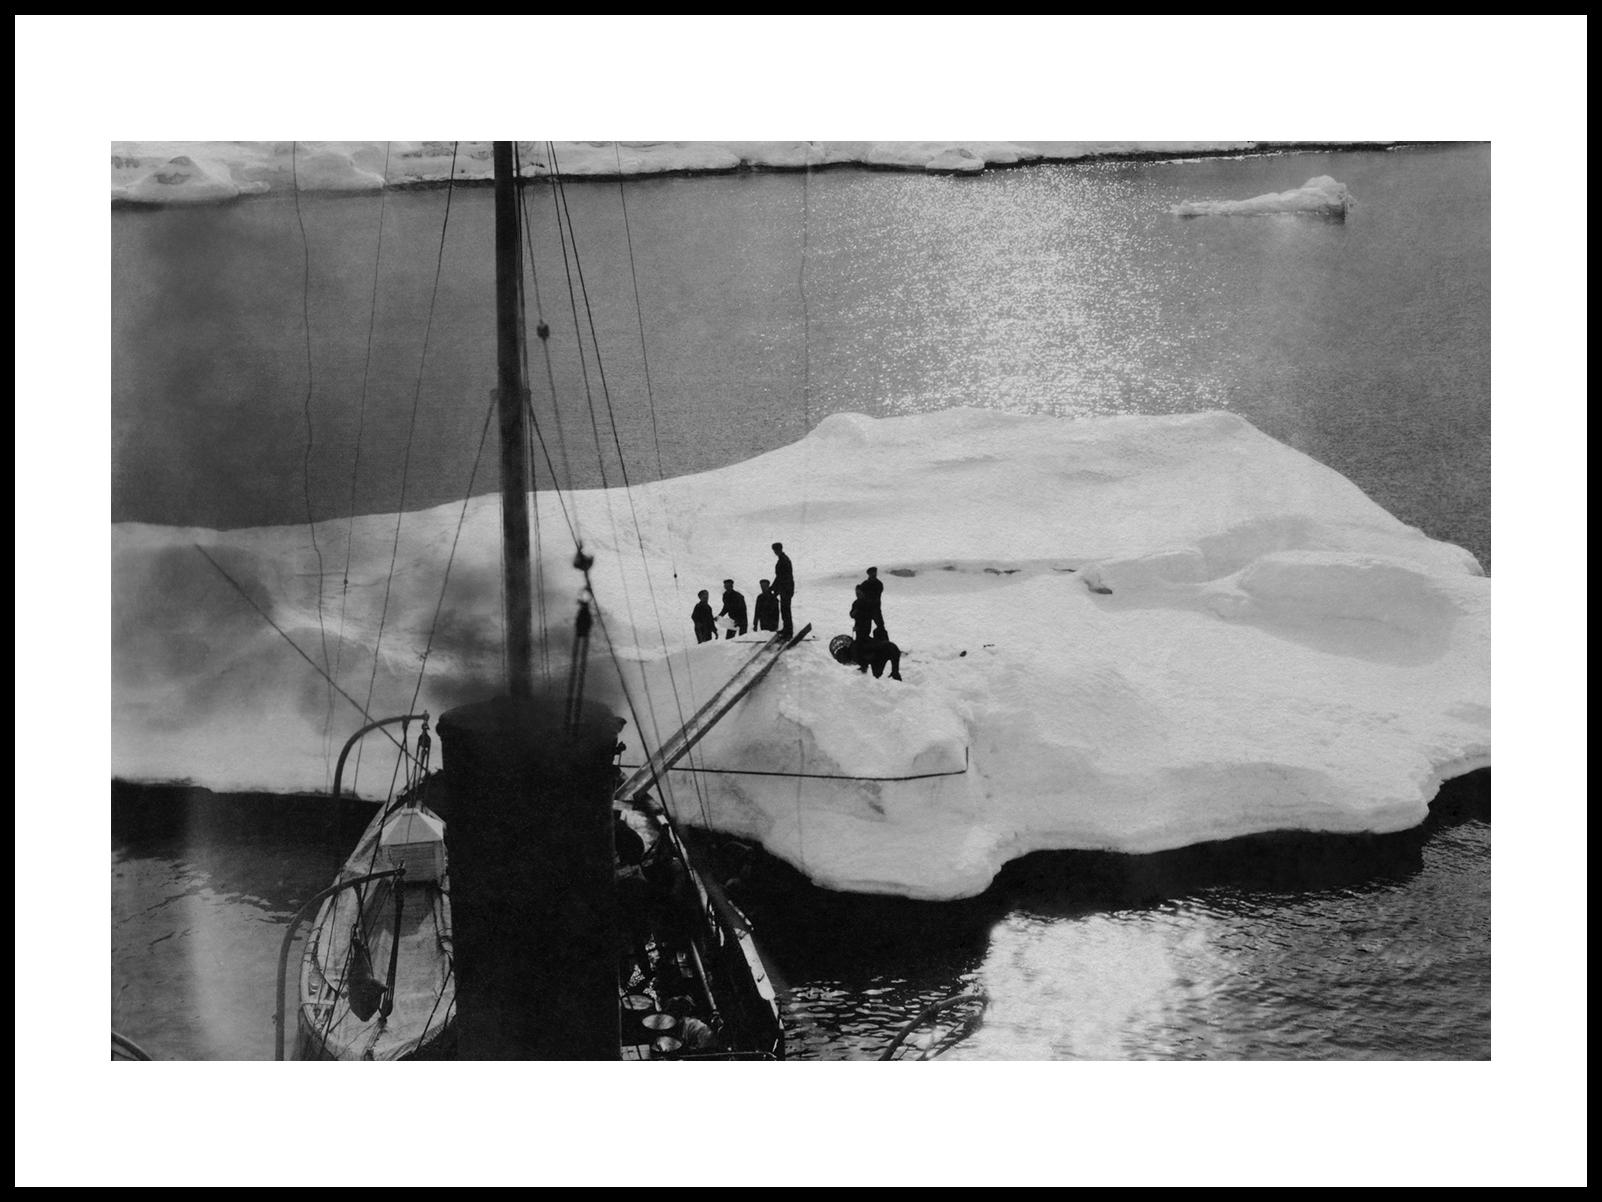 Polarskuten Fram Og Isflaket, 1912